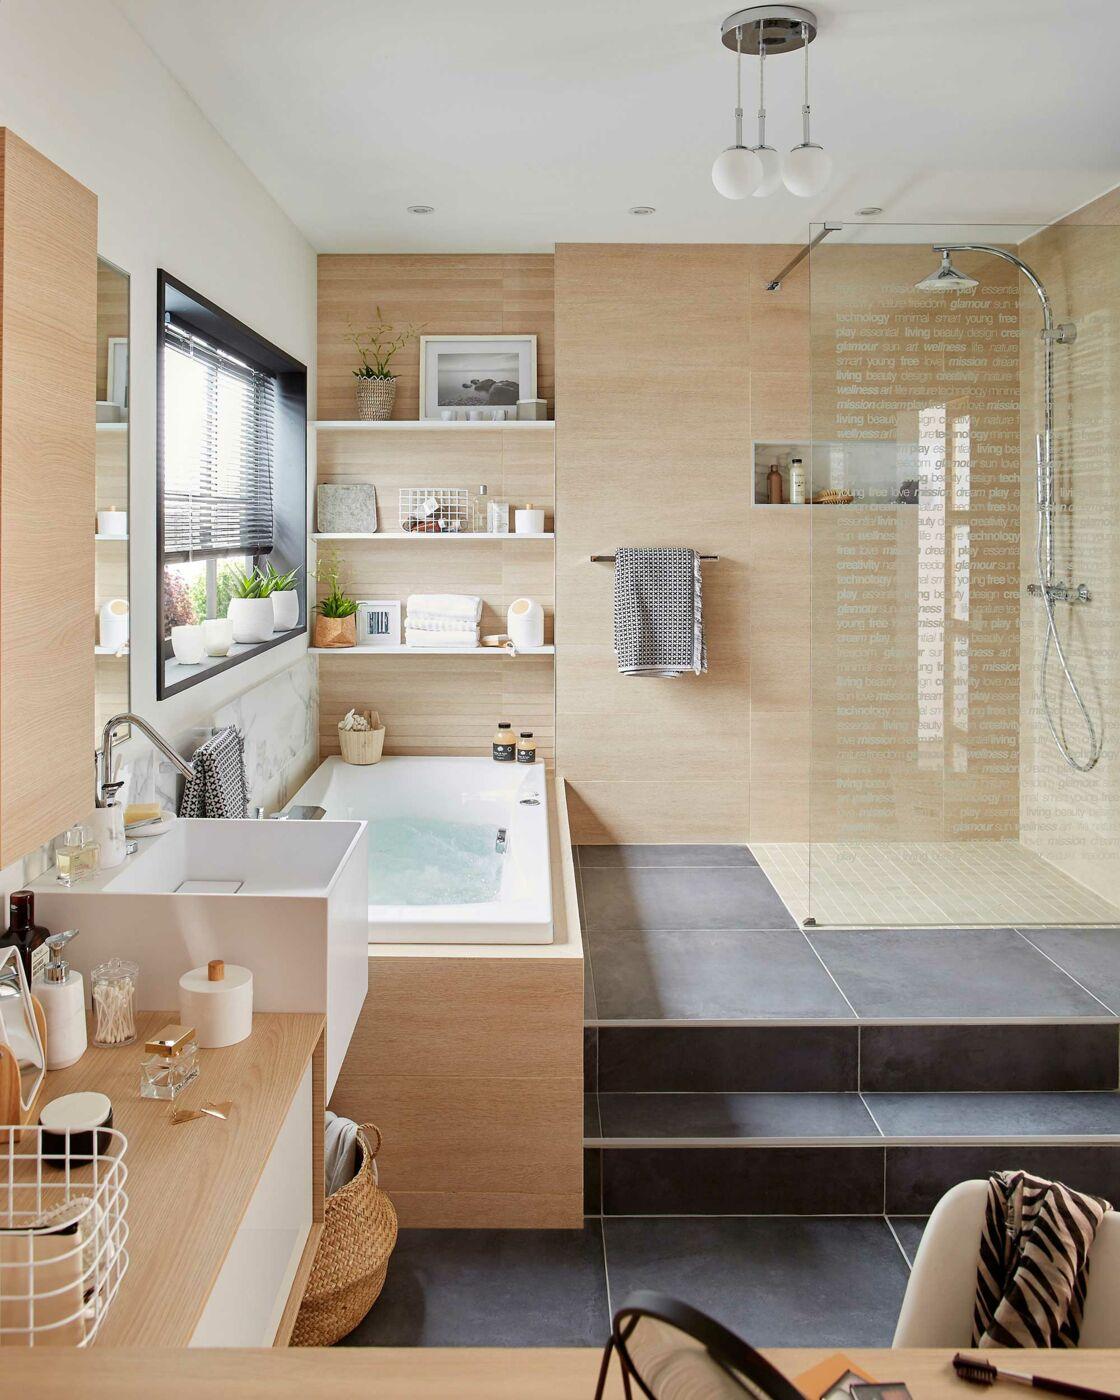 Espace Salle De Bain nos bonnes idées de déco et d'aménagement pour votre salle